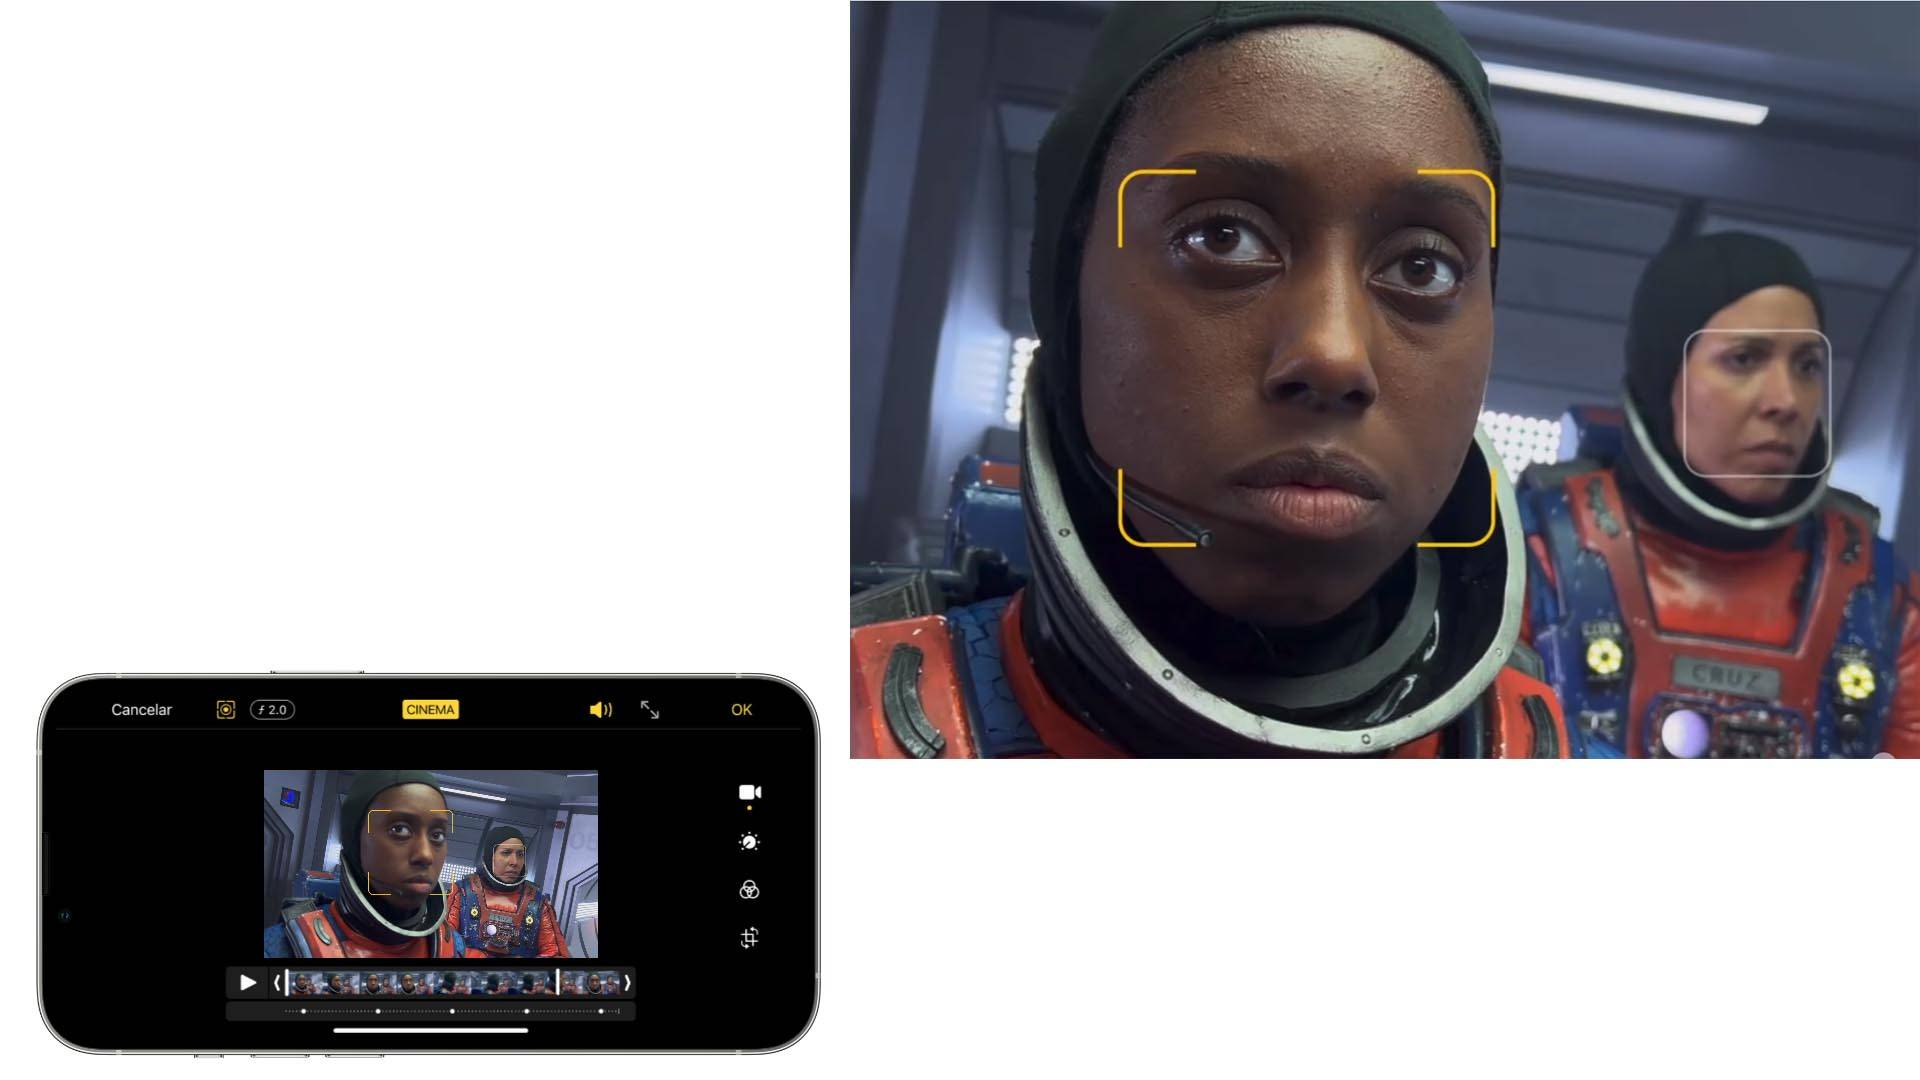 Imagem que mostra o iPhone 13 Pro aplicando o modo cinema